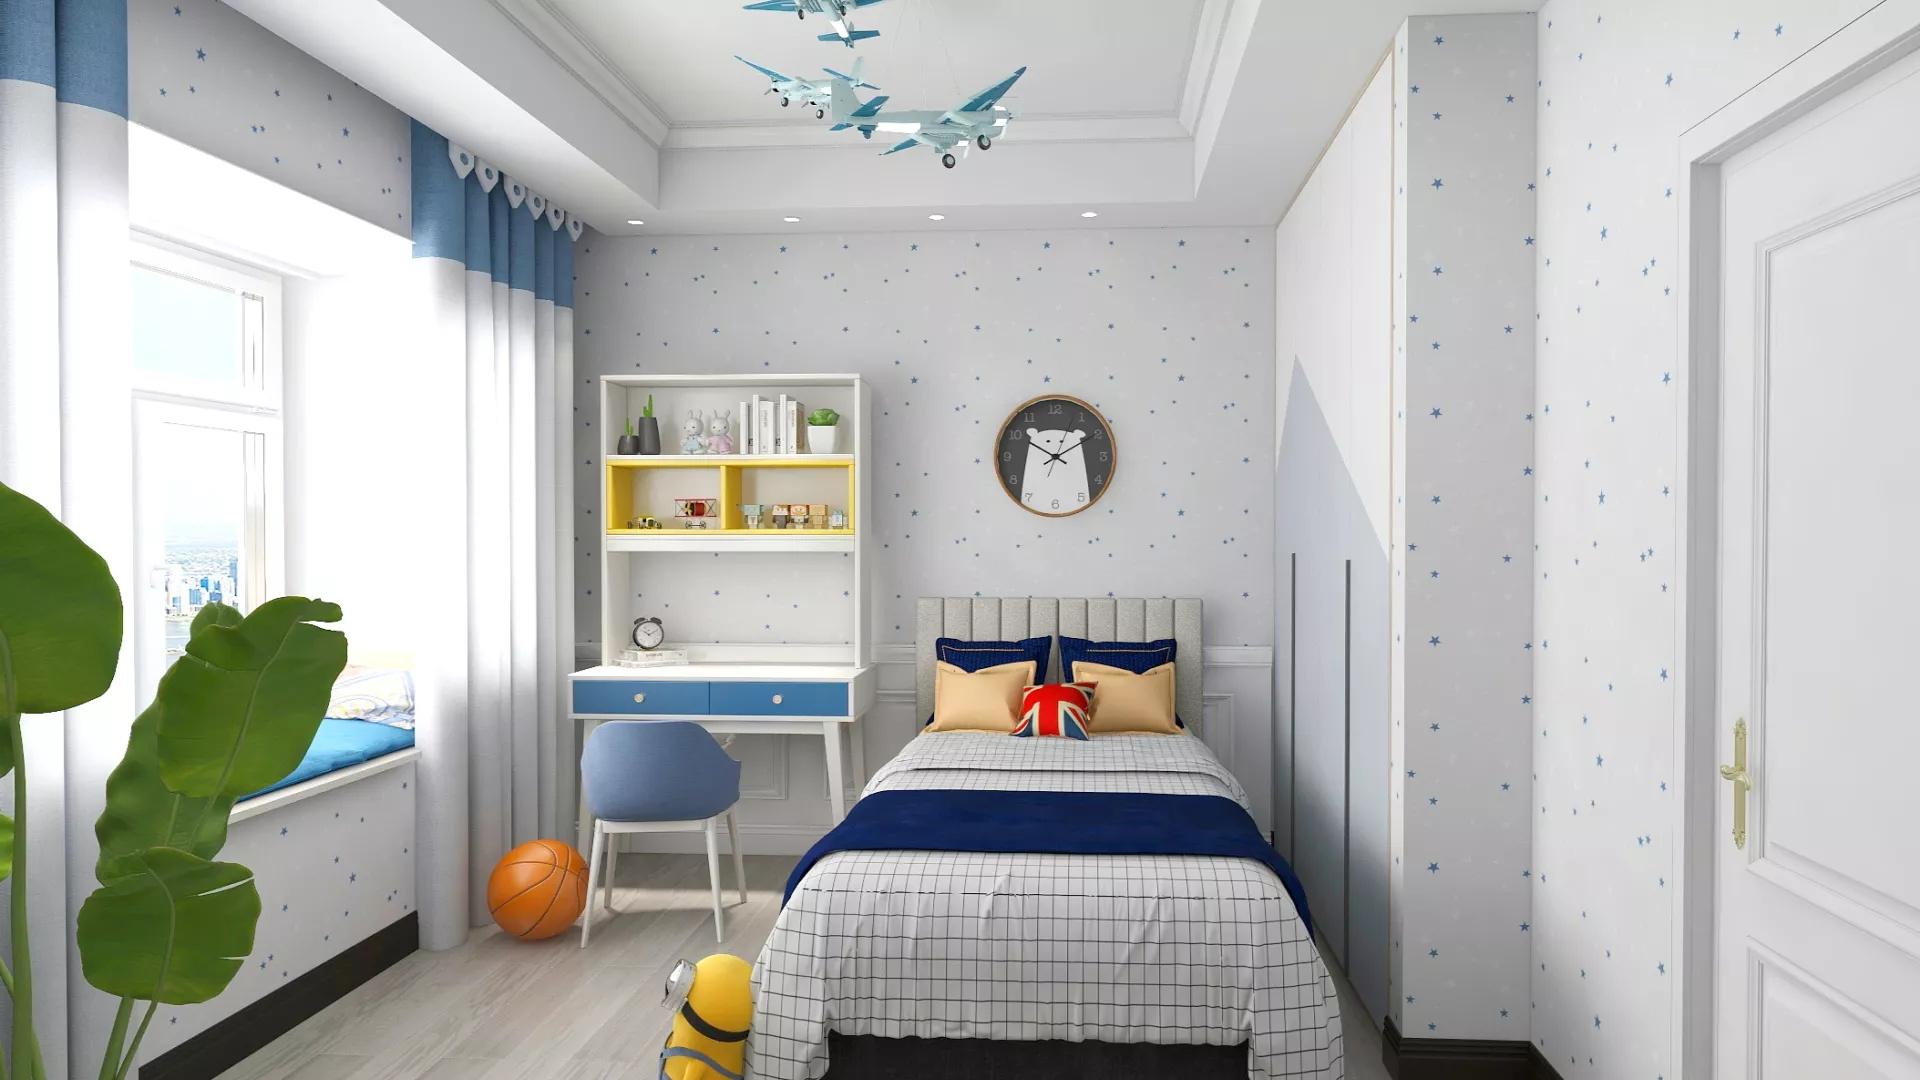 卧室的床铺有什么风水禁忌 卧室床铺怎么摆放风水好